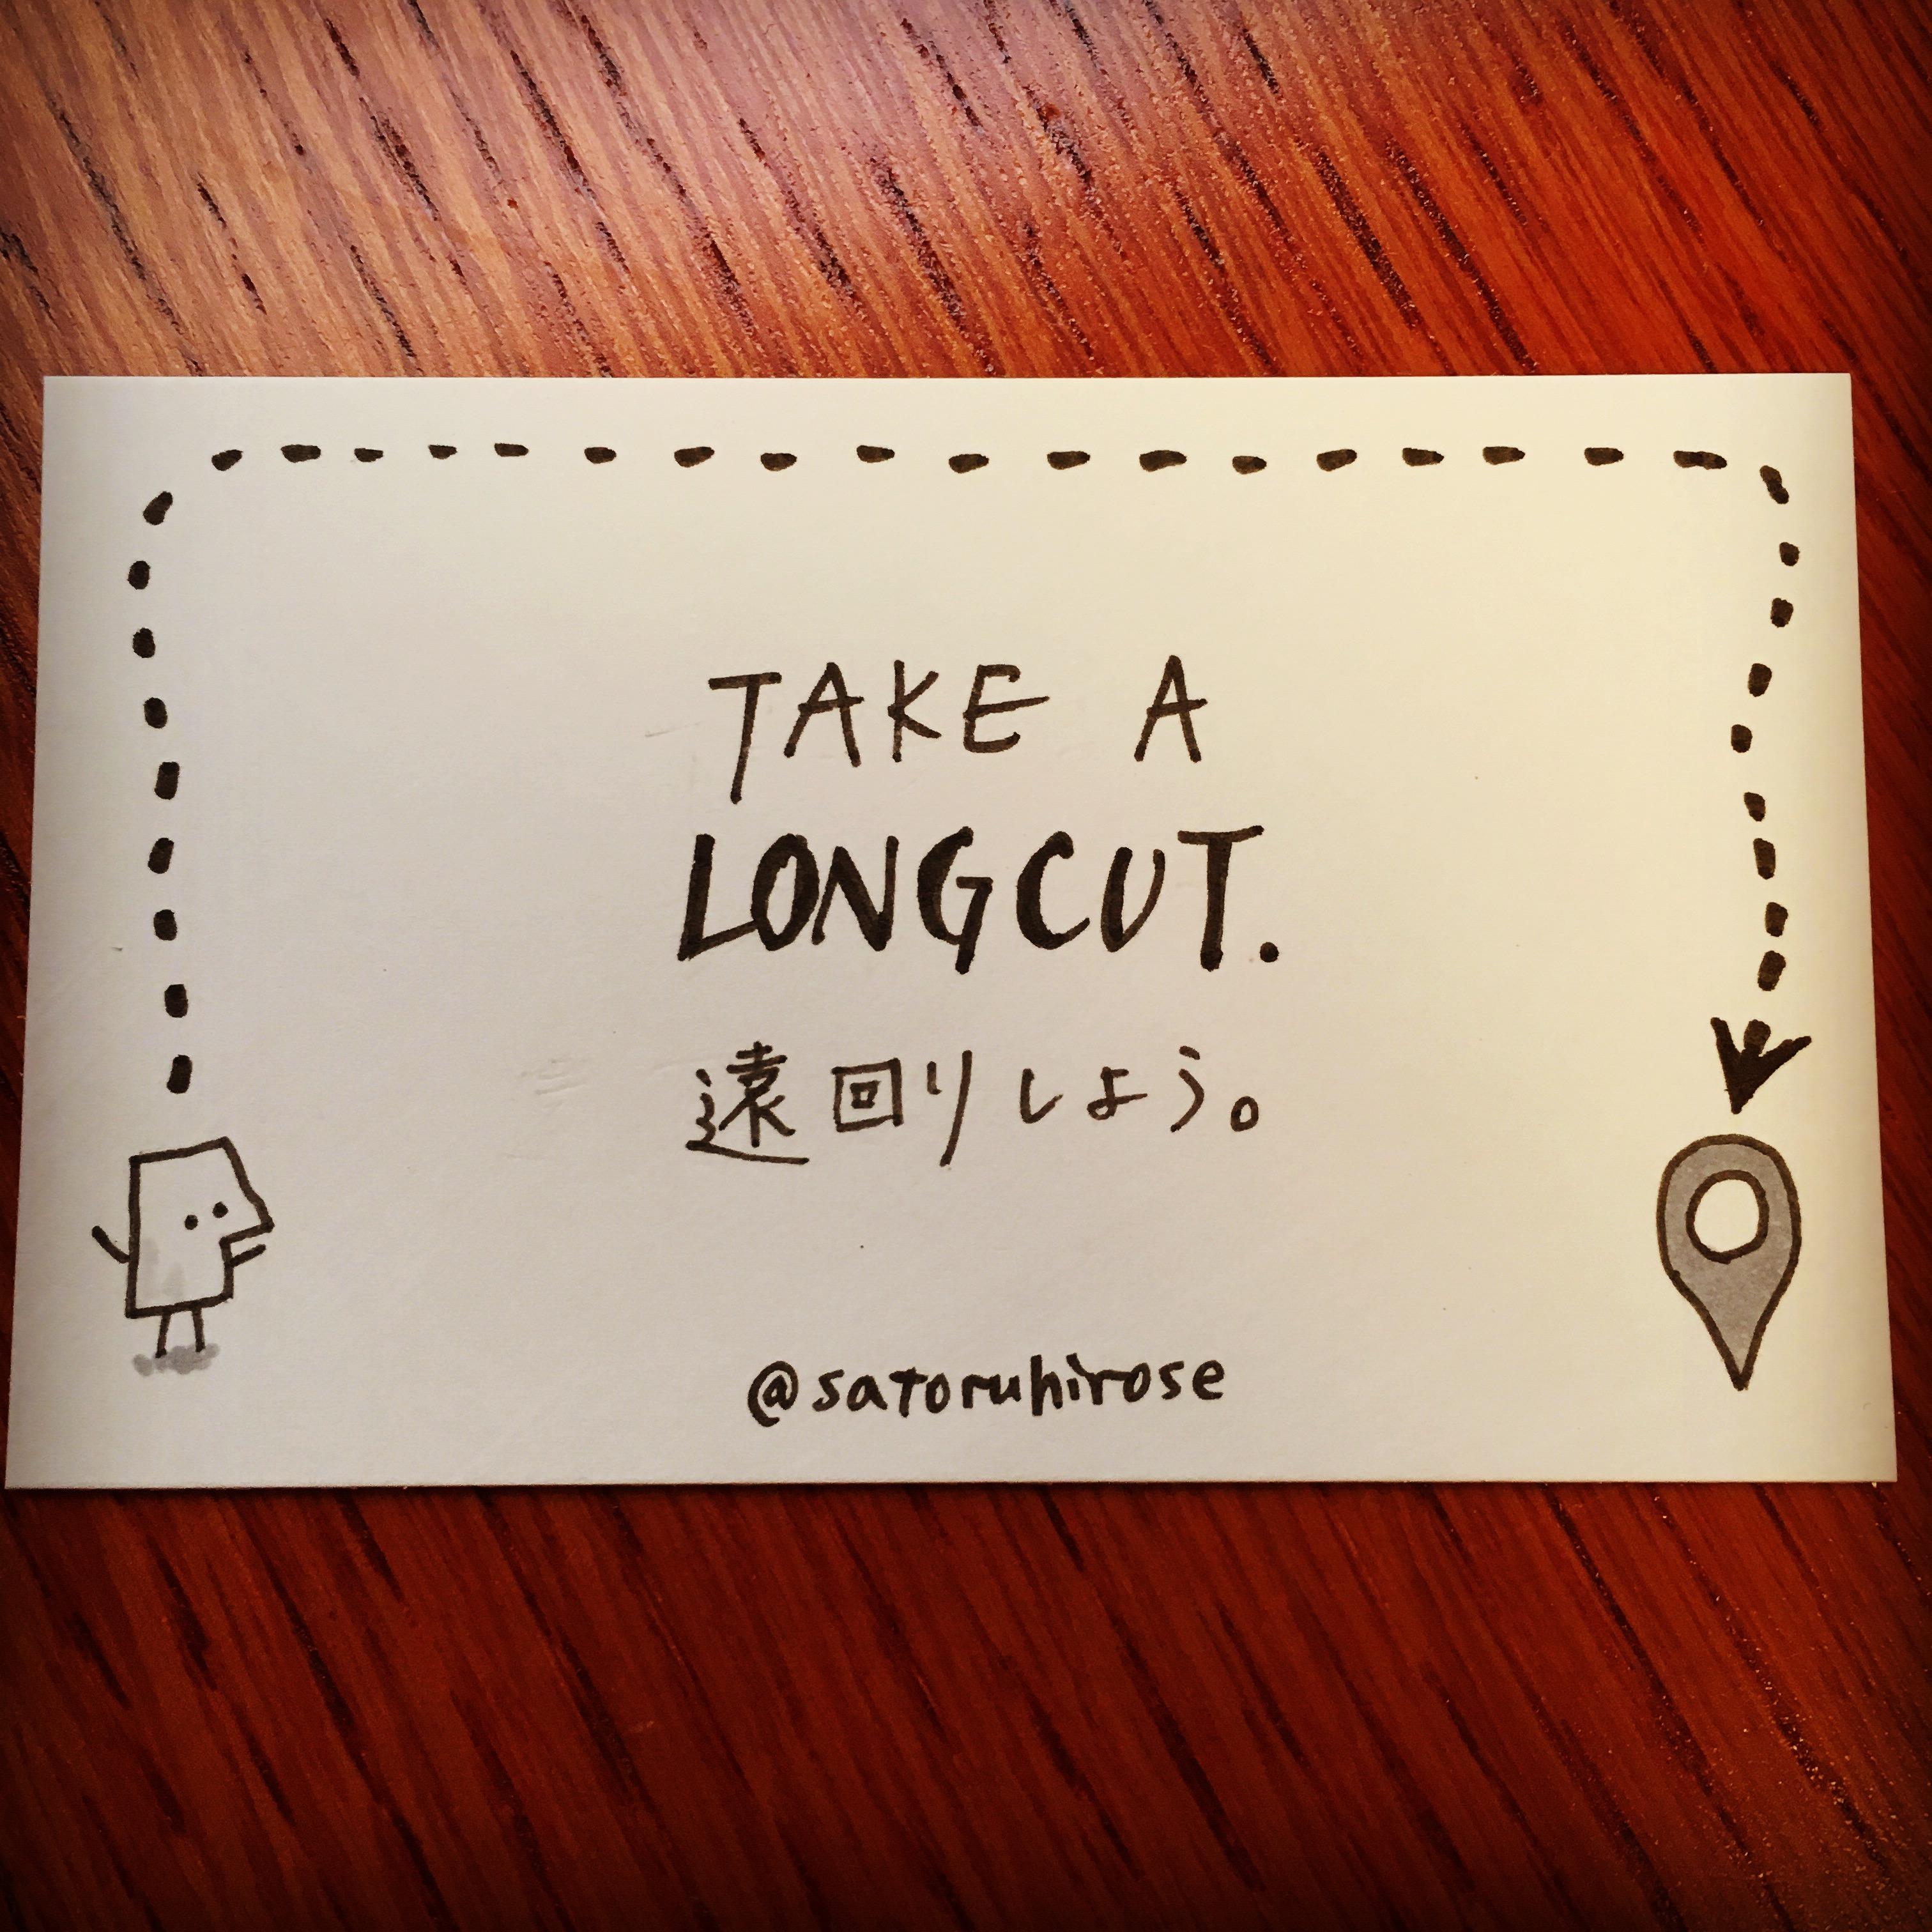 Take a longcut.